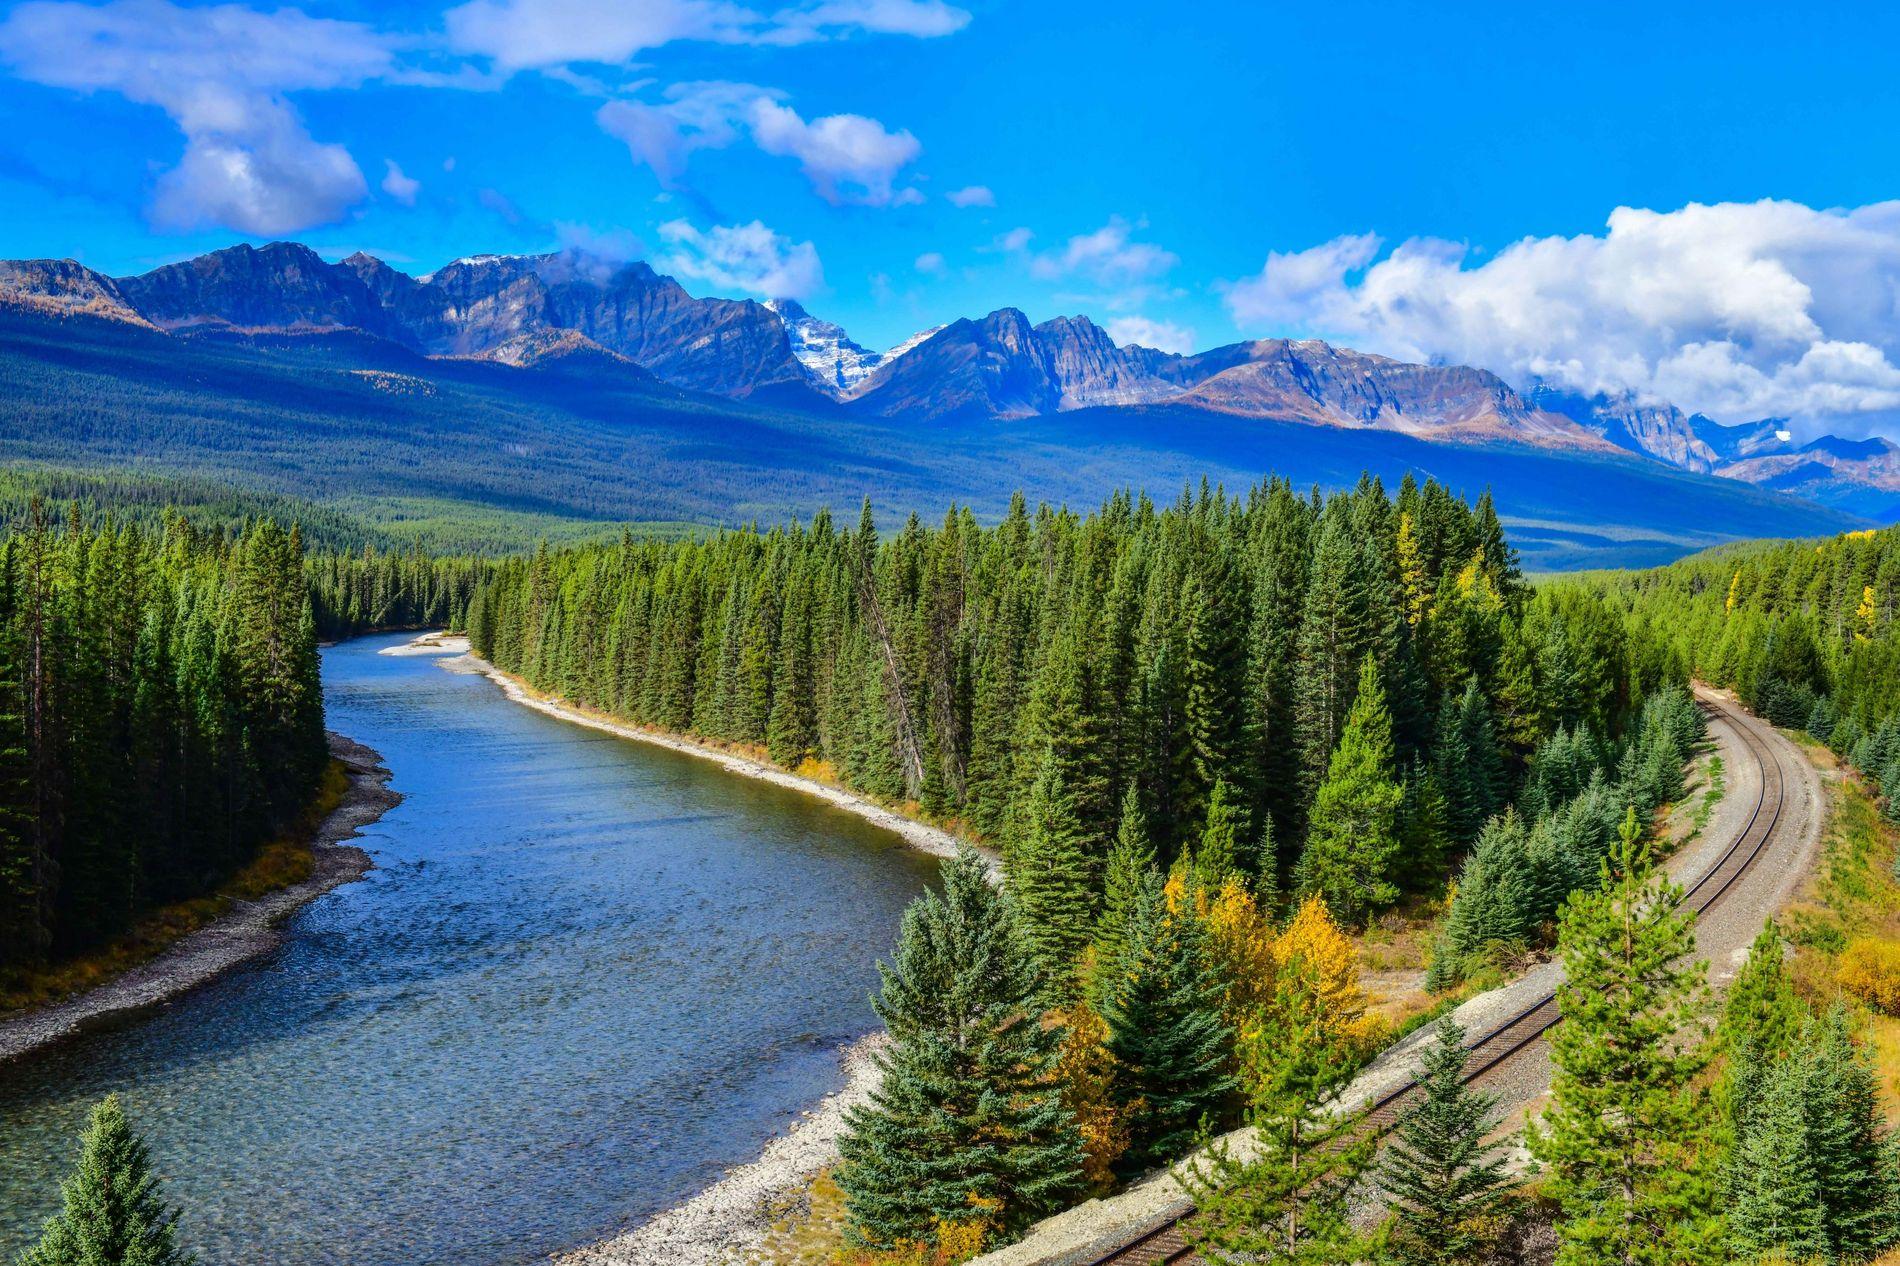 Taucht auf eurer Zugfahrt durch Alberta in die unglaubliche Landschaft des Banff-Nationalparks ein.